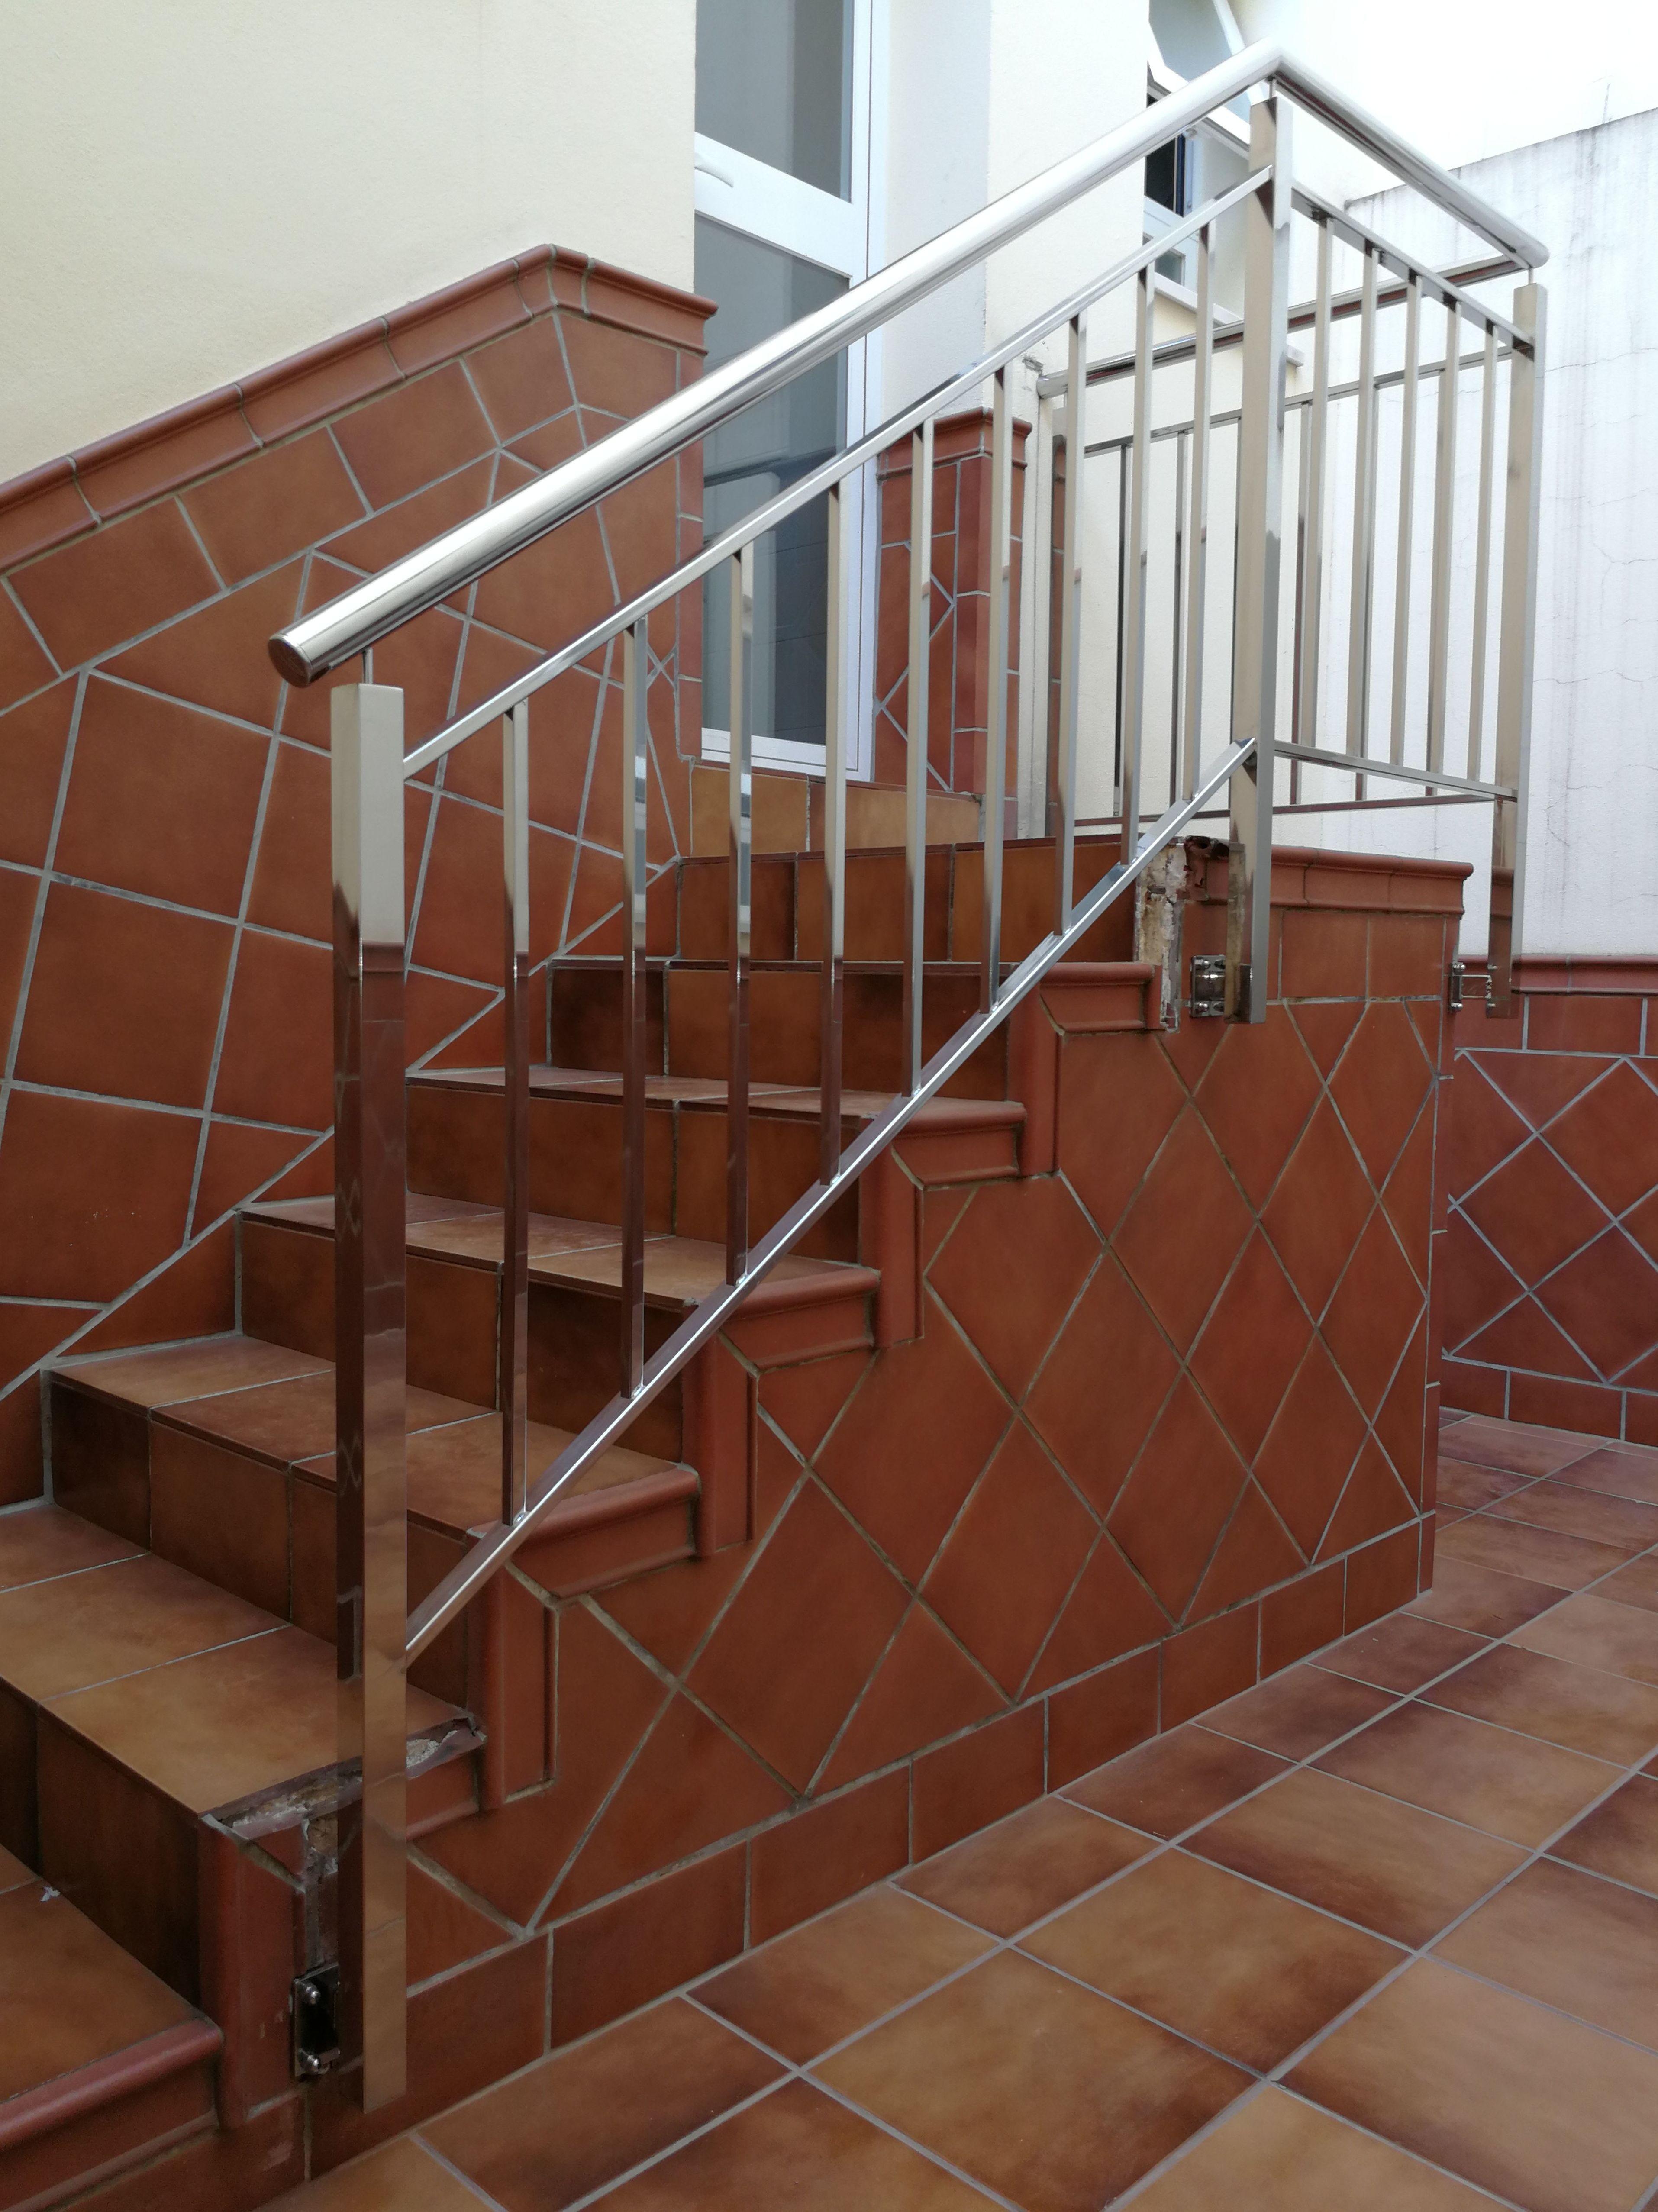 Foto 109 de Especialistas en diseños y proyectos en acero inoxidable en Alcalá de Guadaíra | Icminox